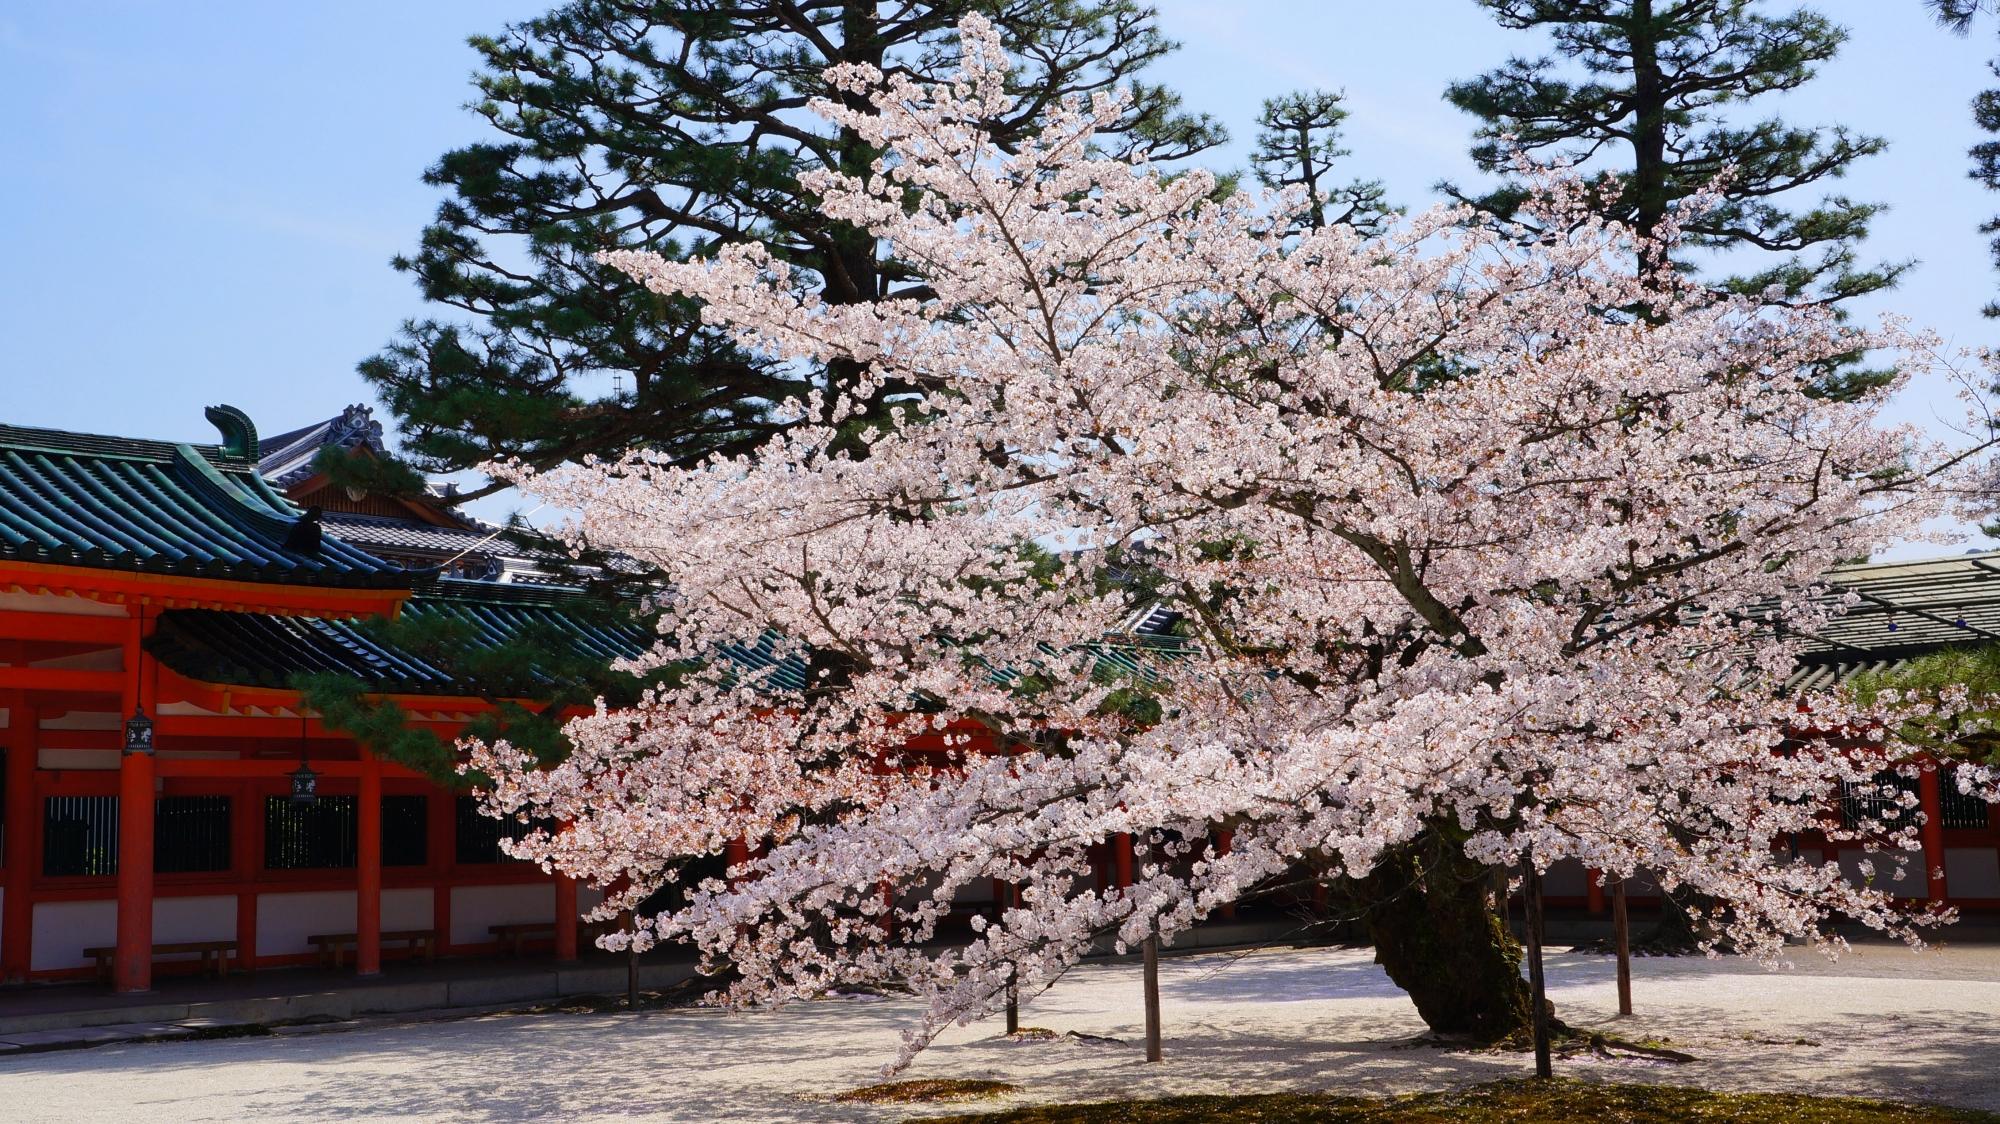 青空に映える華やかな色合いの桜